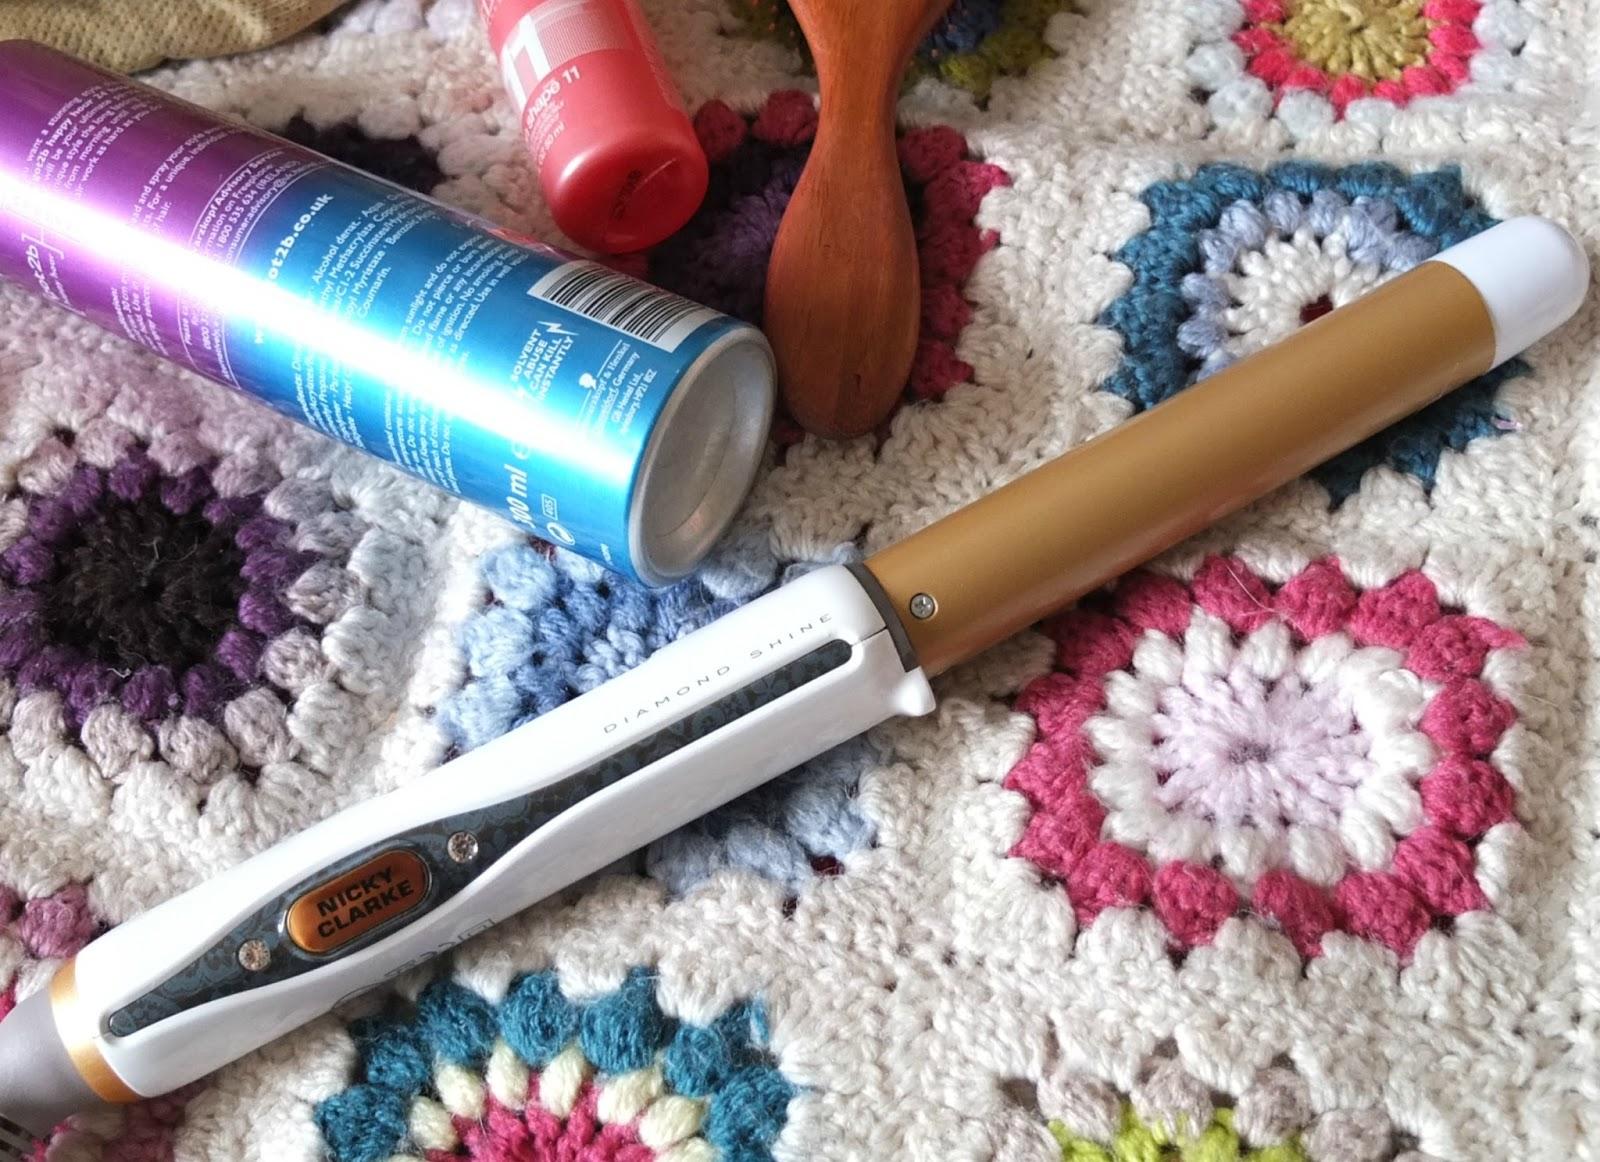 Nicky Clarke Diamond Shine Pro Salon Styling Wand Review